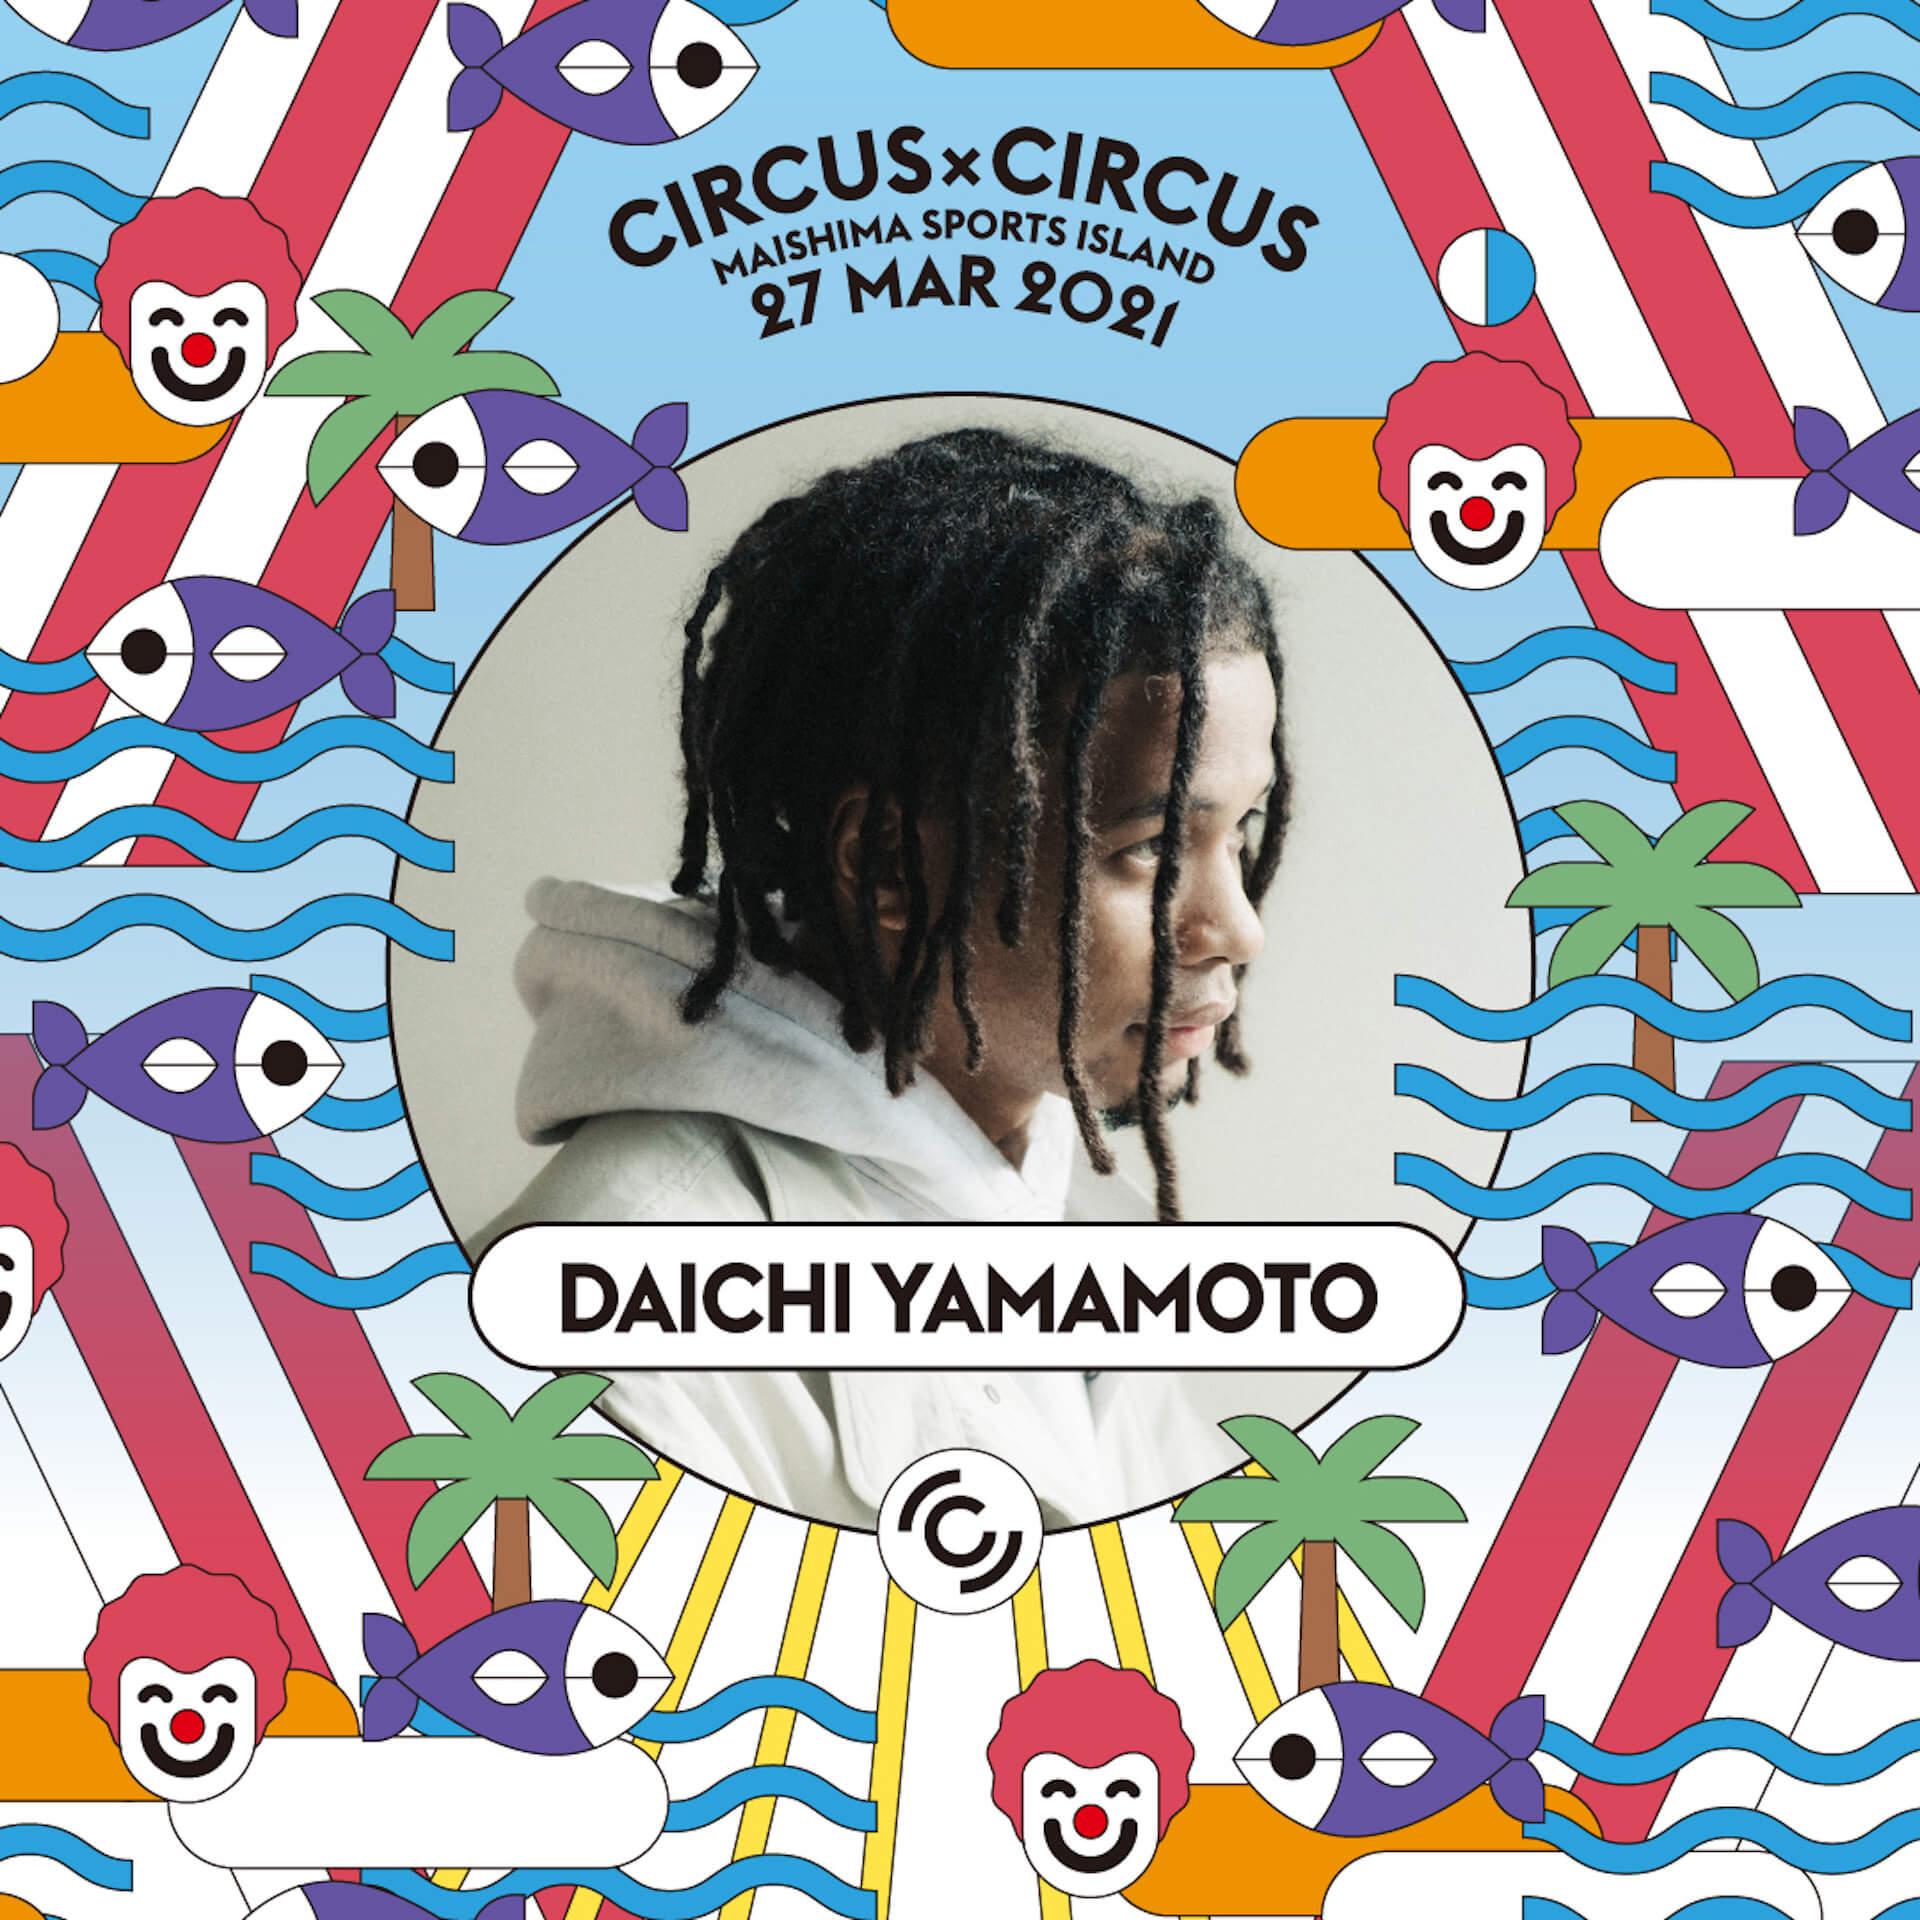 来週末開催の<CIRCUS × CIRCUS>オープニングアクトにKM!シークレットゲストも追加|YAGI&FULLHOUSEによるアフターパーティーにJNKMN、Qiezi Maboら参加 music210319_circuscircus_9